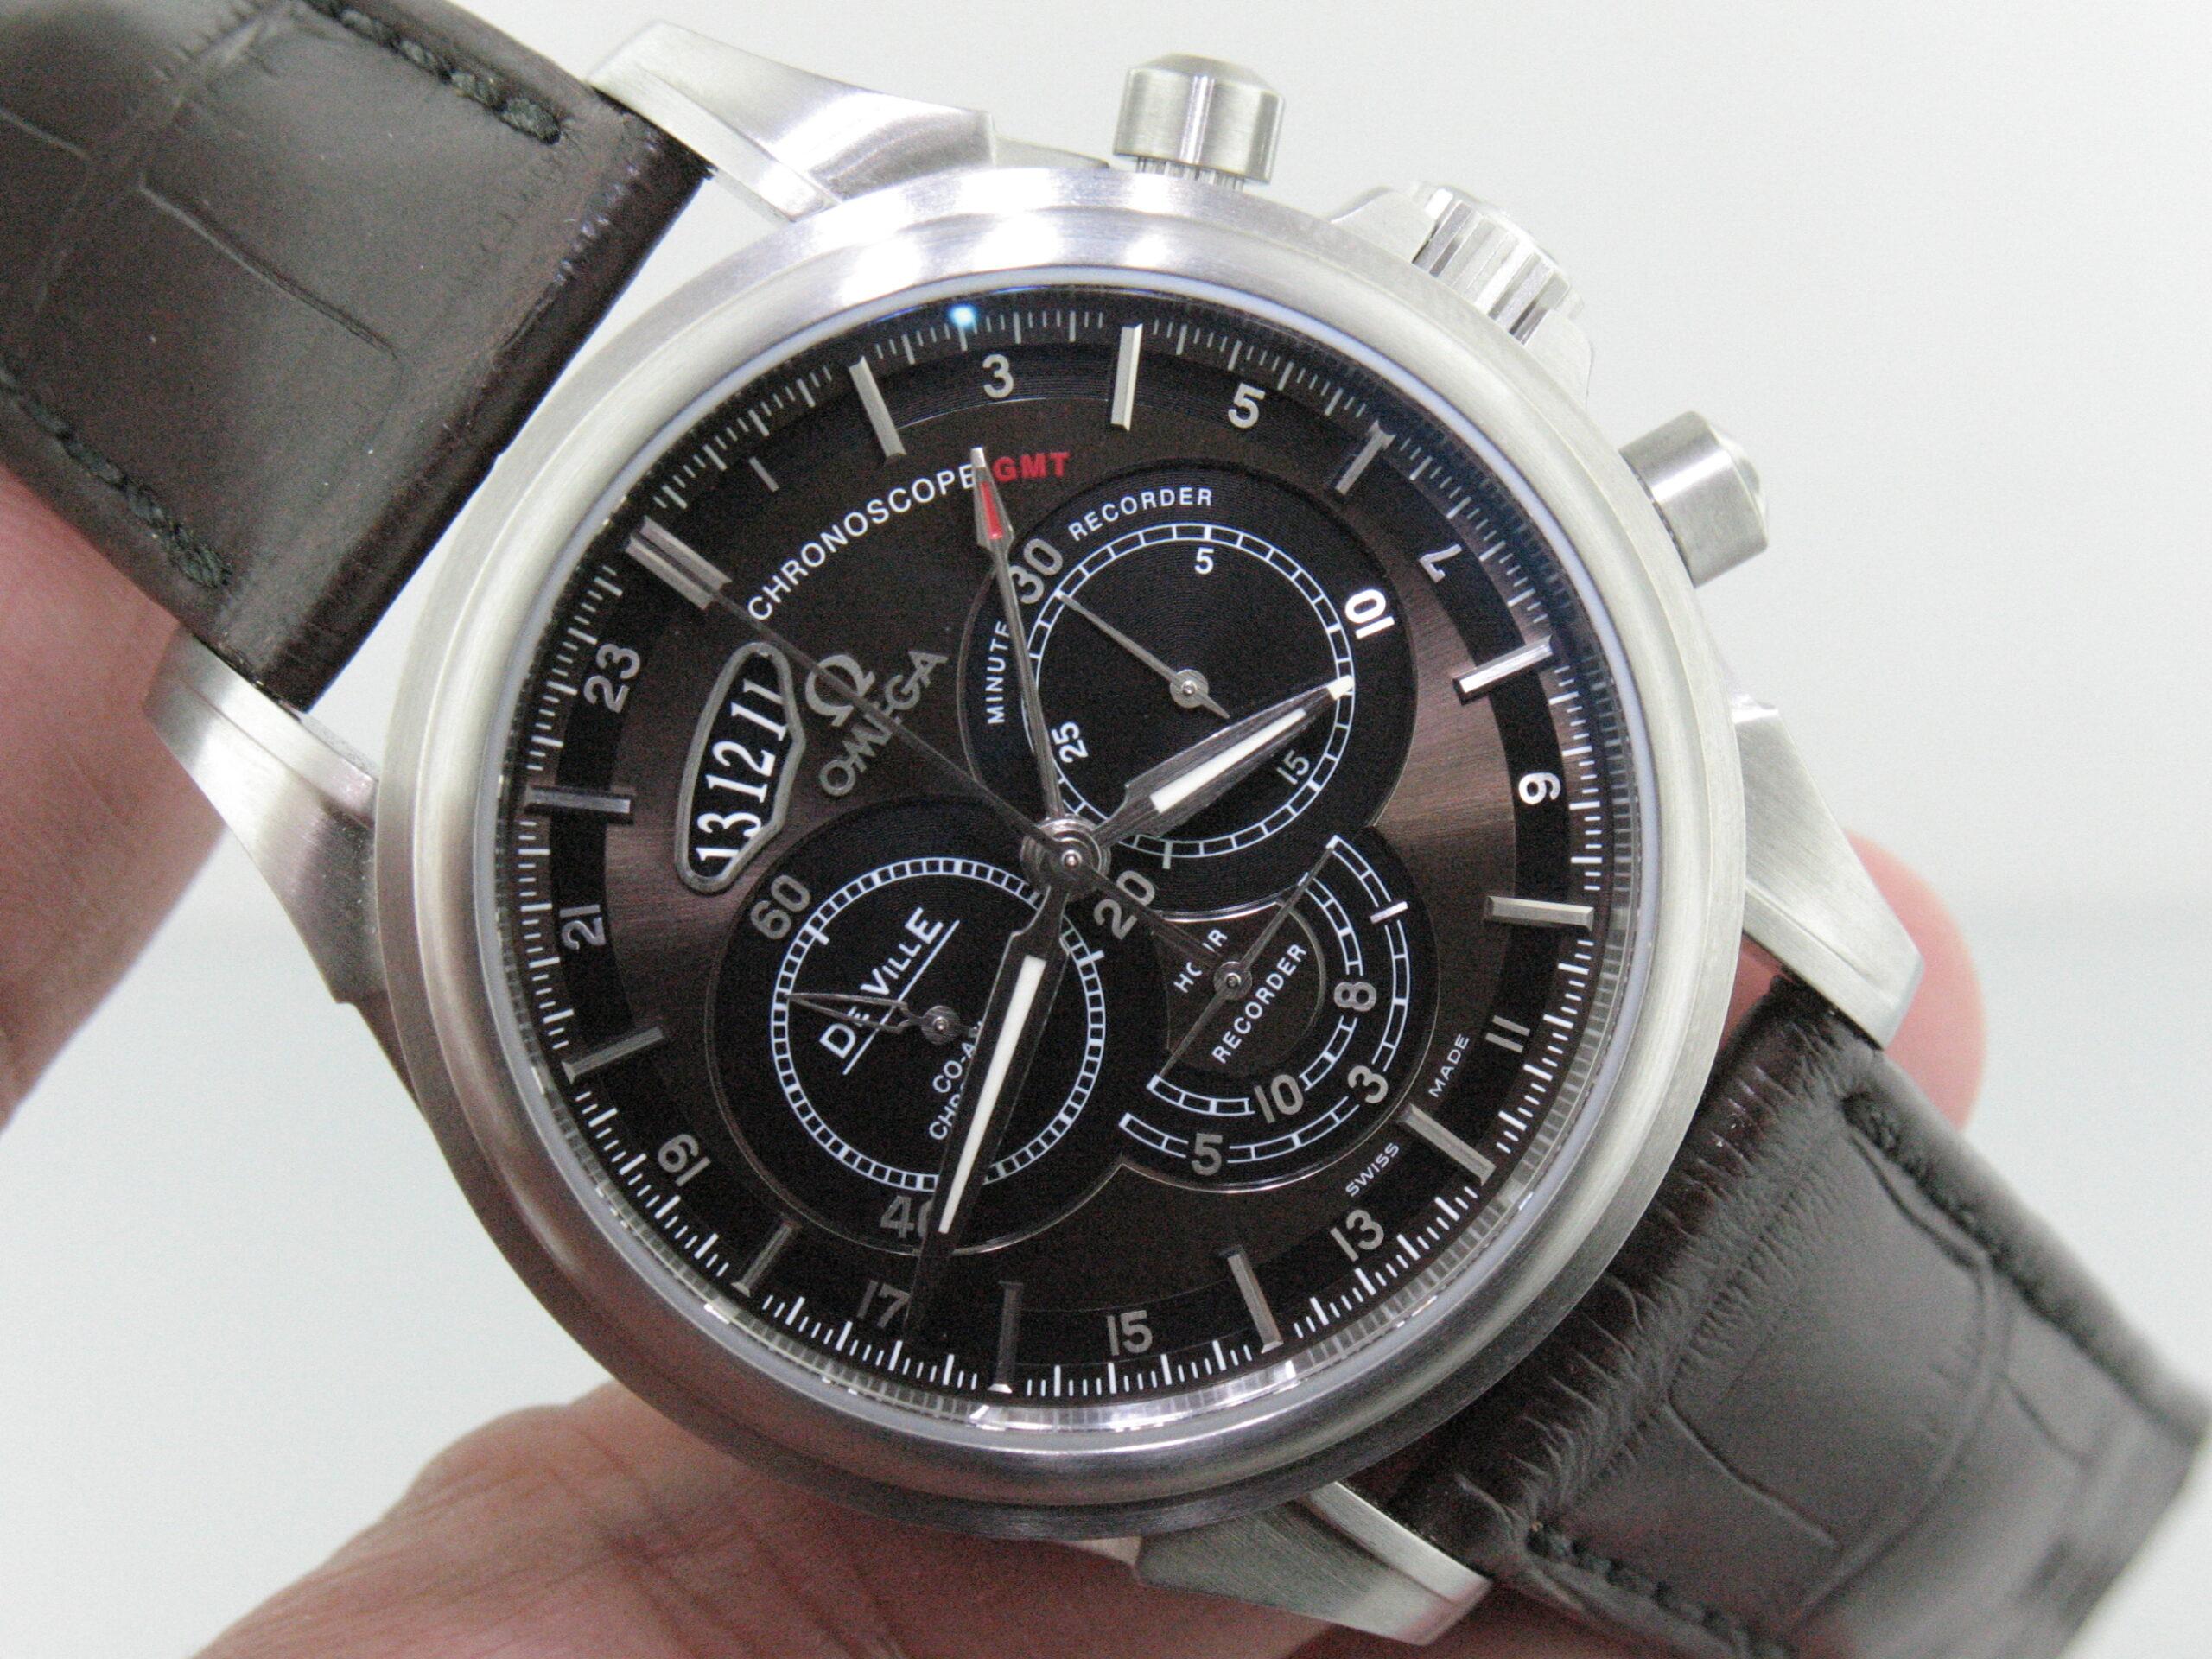 Omega Deville ref 422.13.44.52.13.001 Chronoscope Stainless Steel Men's Watch